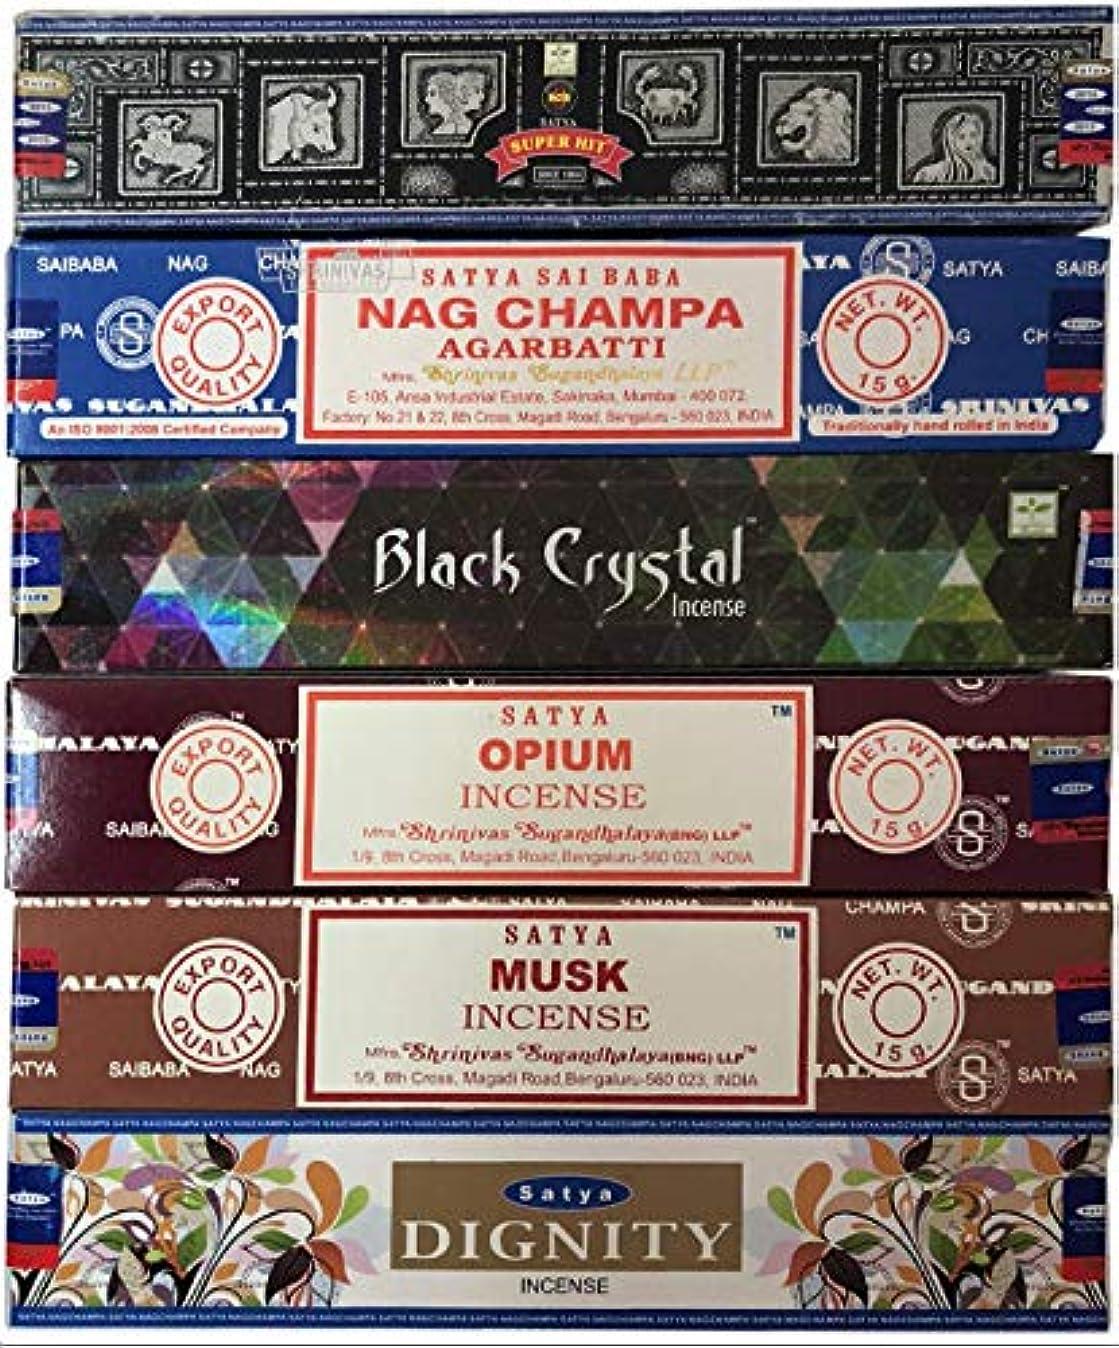 グレード仲良し星Nag Champa 6ピース バラエティーパック ナグチャンプ スーパーヒット ブラッククリスタル オピウム ムスク ディグニティ